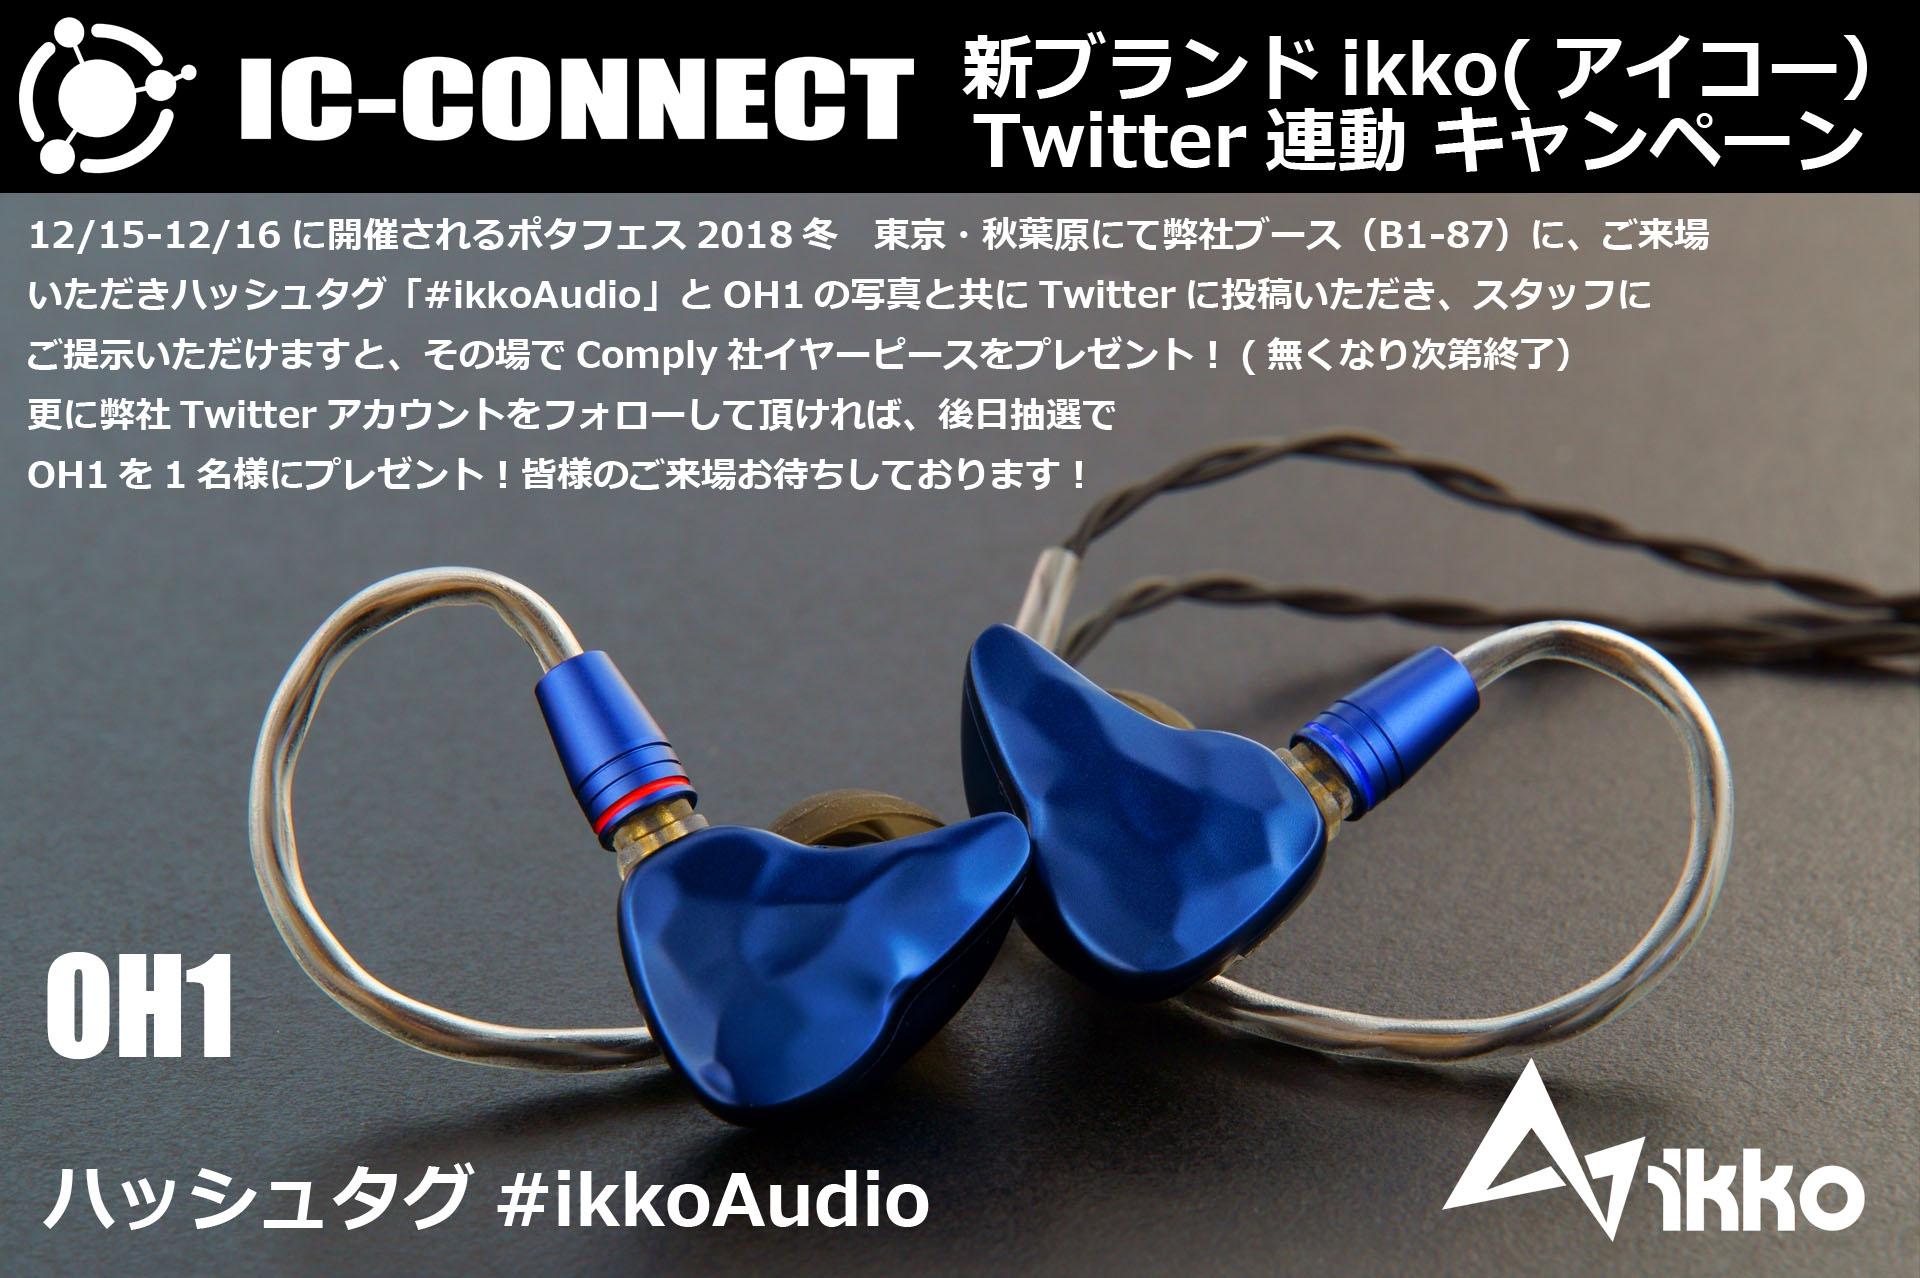 【IC-CONNECT】新ブランド「ikko」Twitter連動キャンペーン